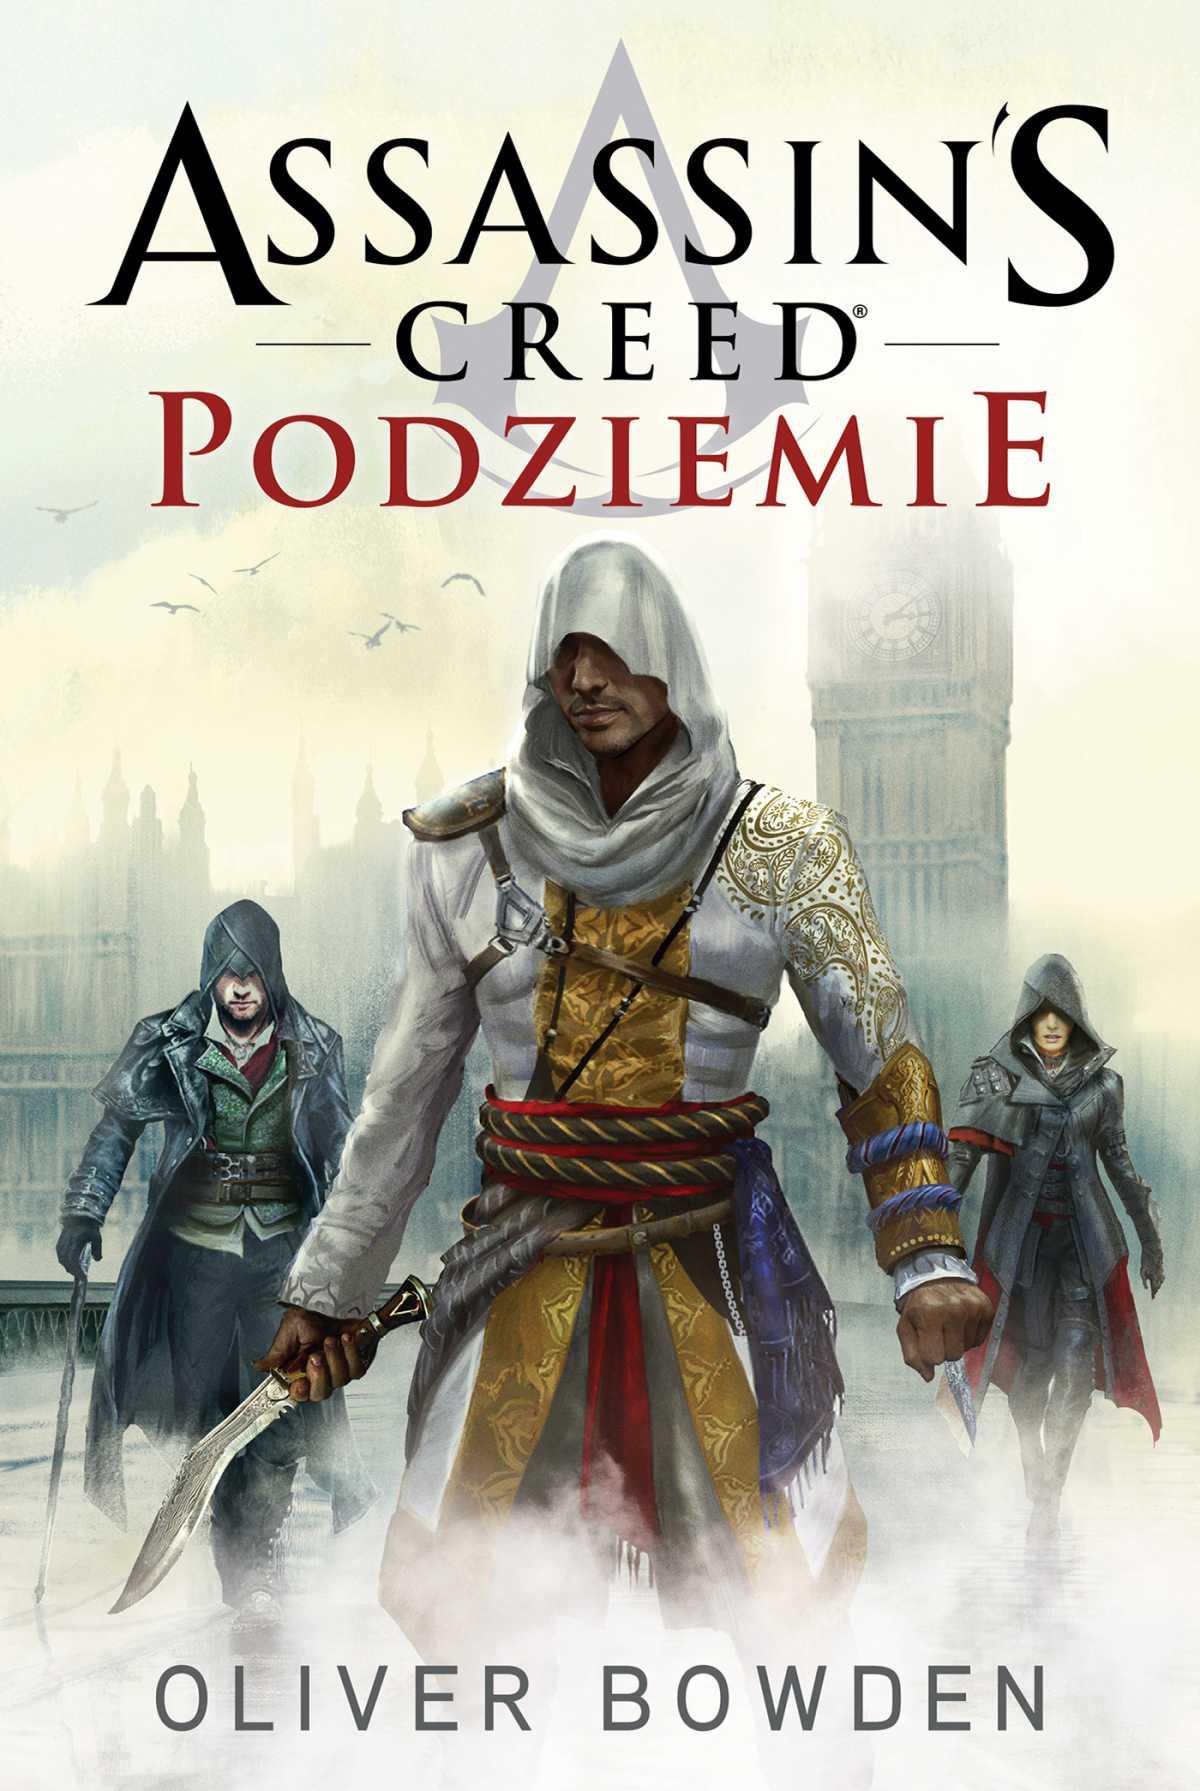 Assassin's Creed: Podziemie - Ebook (Książka EPUB) do pobrania w formacie EPUB